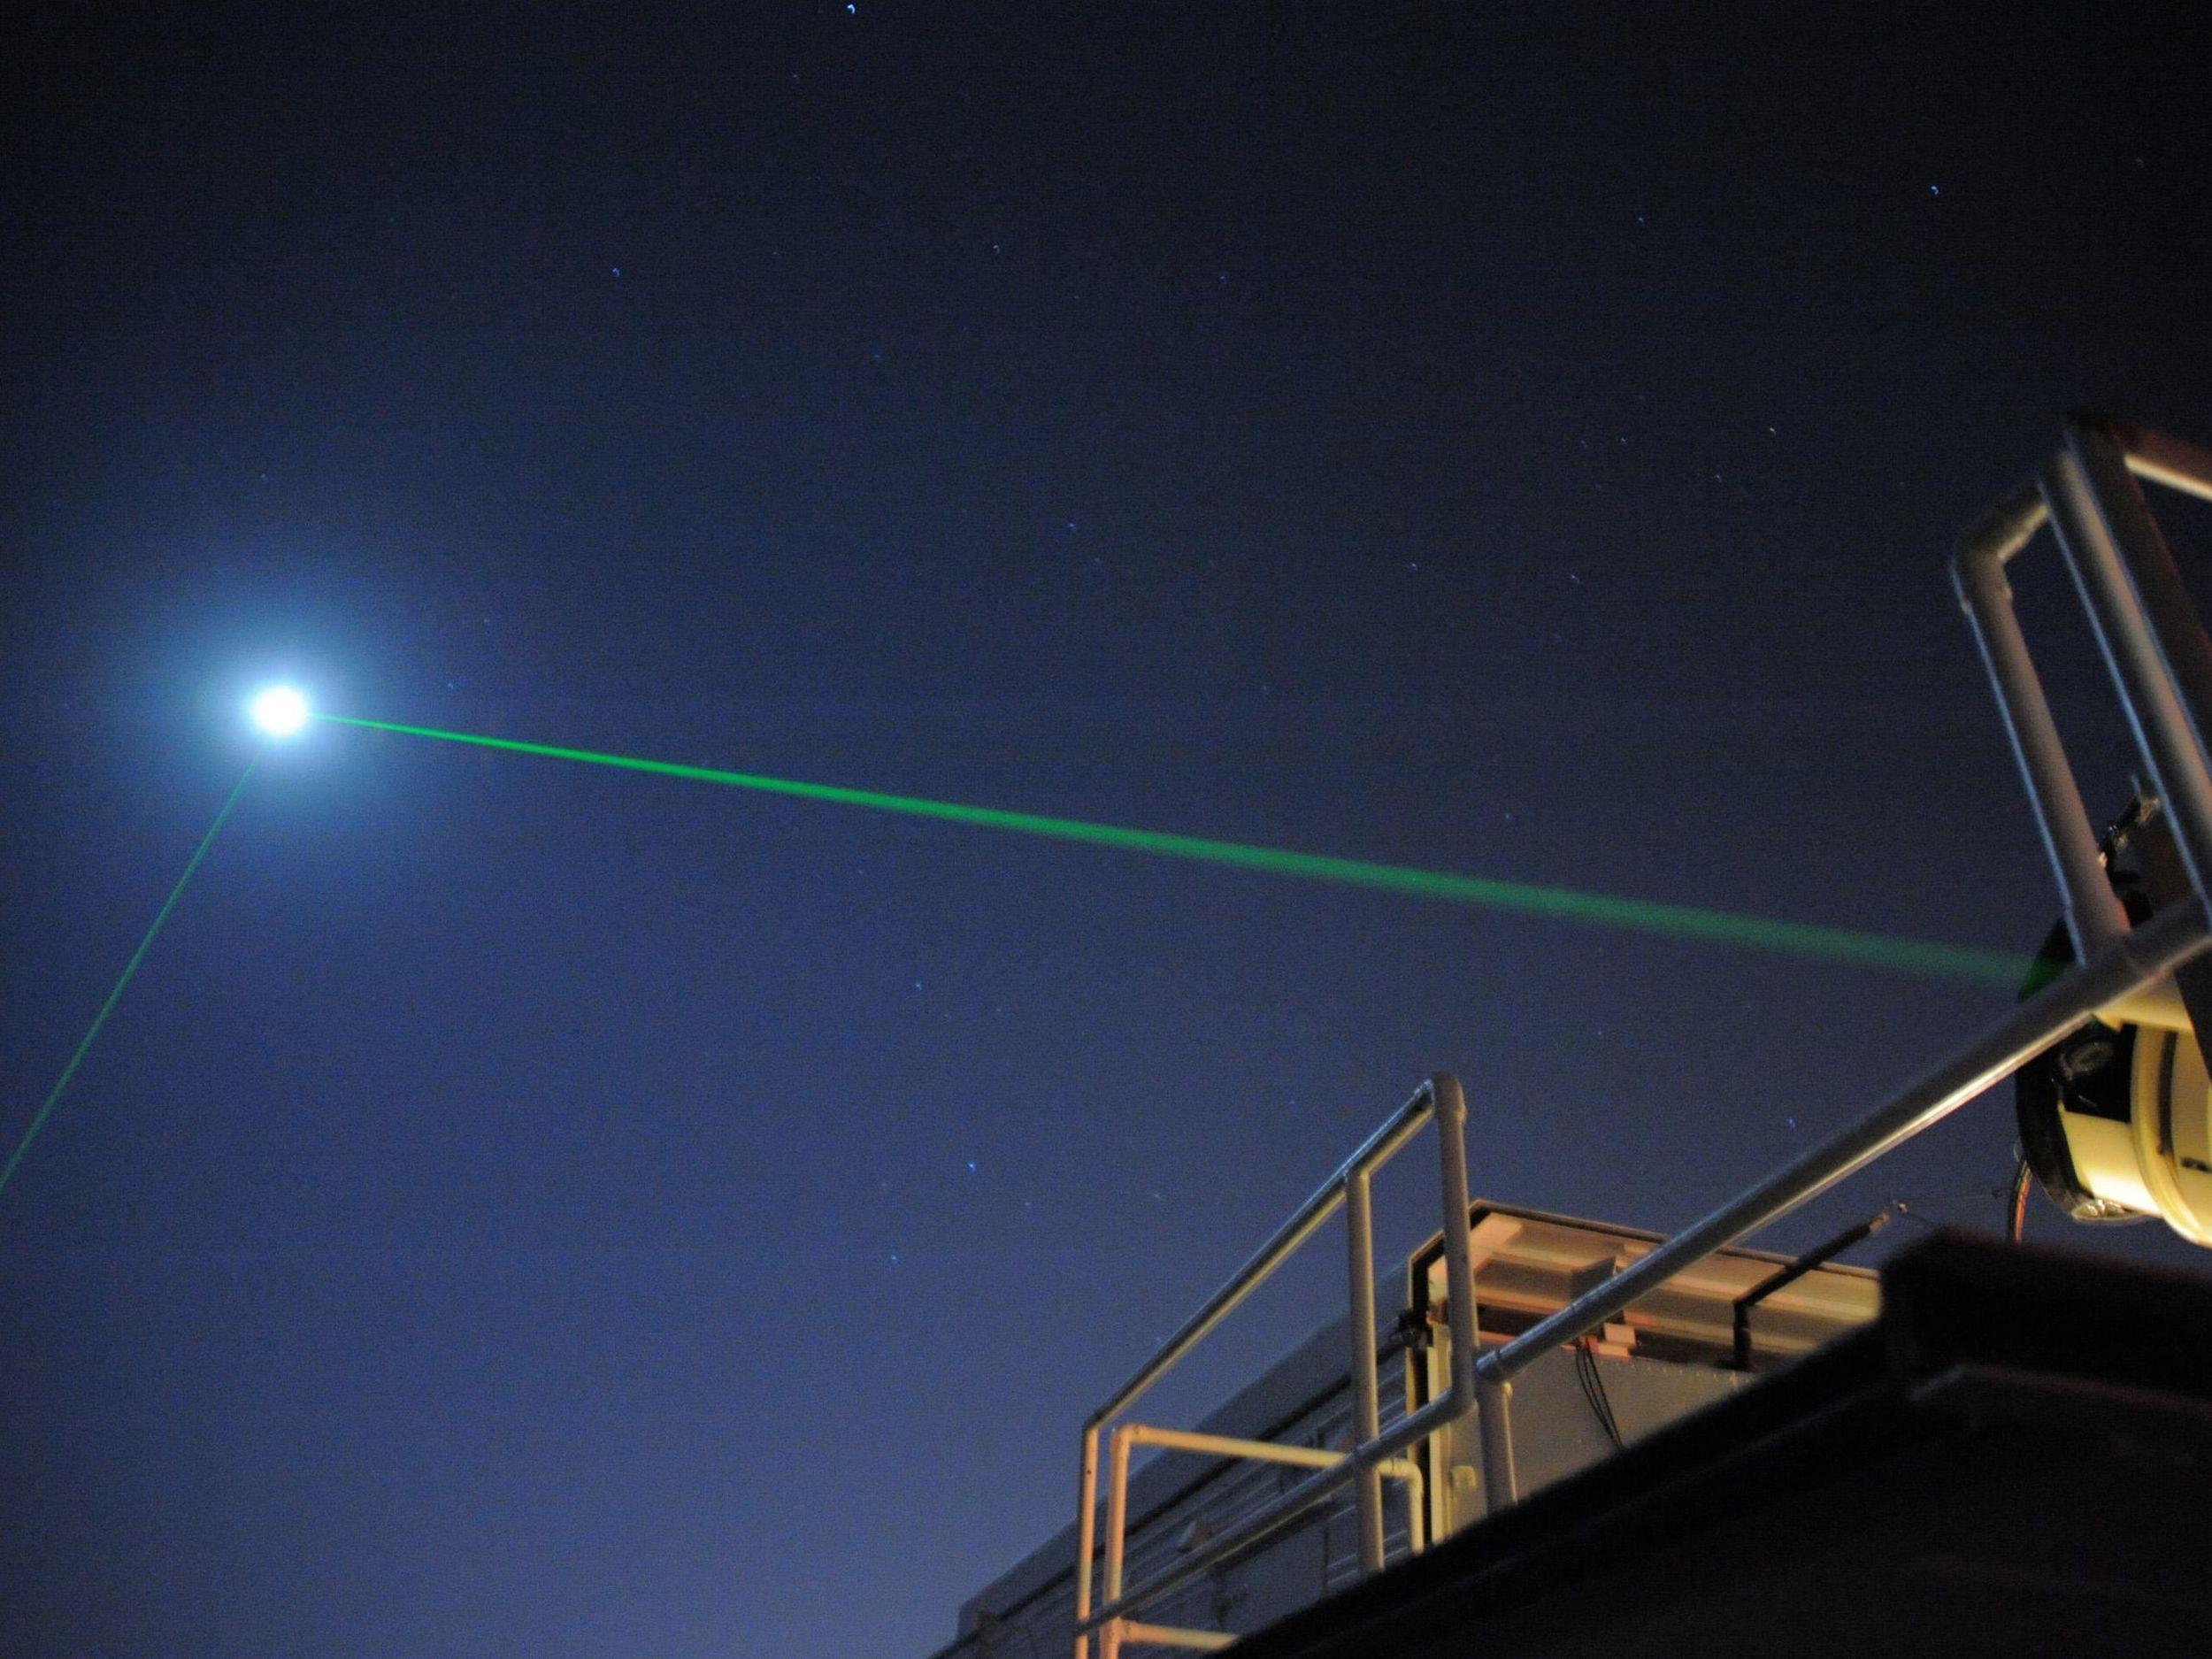 Goddard_Spaceflight_Center_Laser_Ranging_Facility.jpg